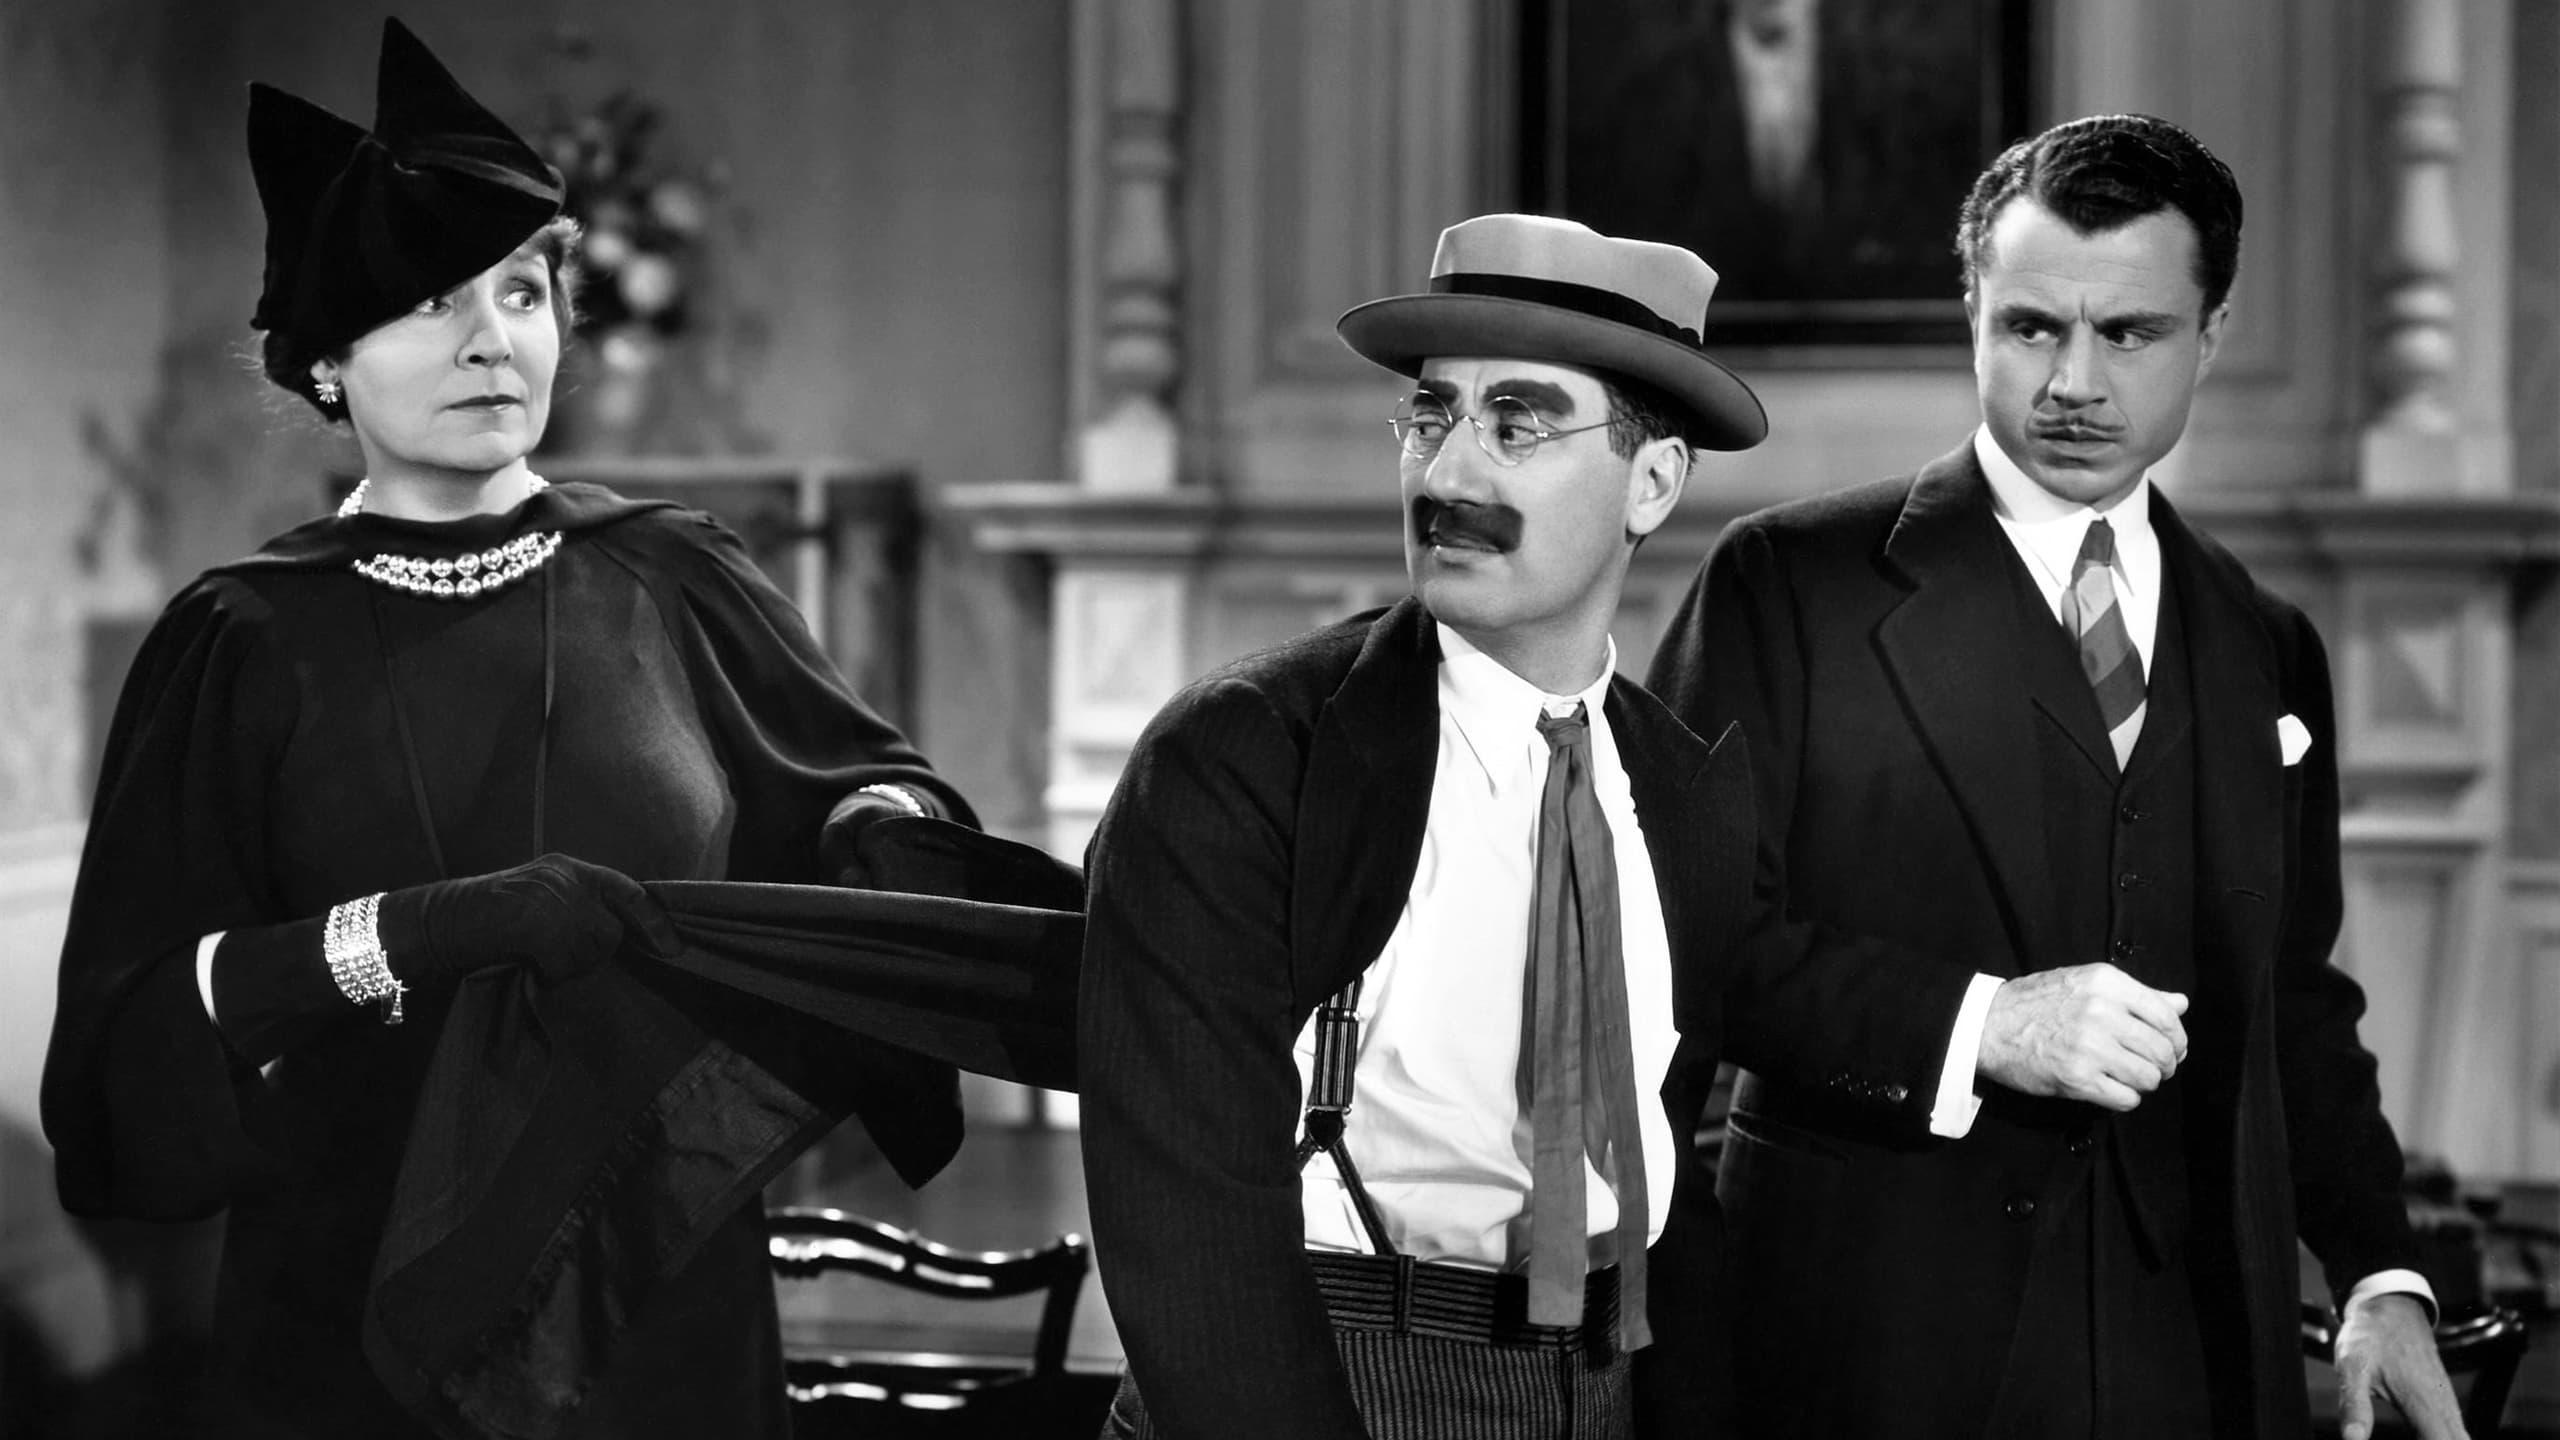 Un Jour aux courses (1937)